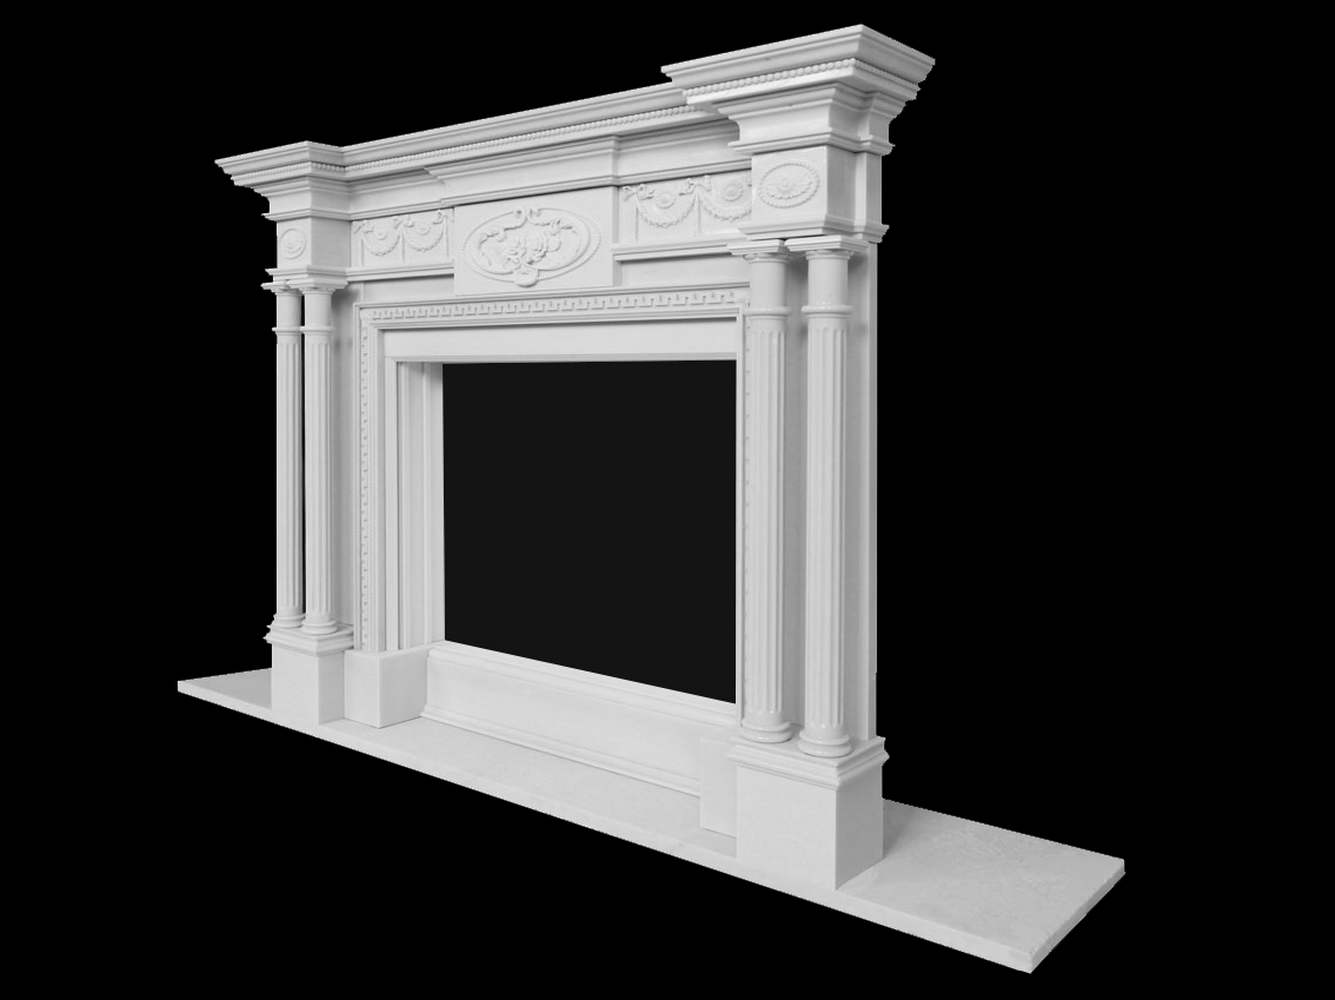 Camino In Marmo Bianco : Caminetti stile antico in marmo pietra caminetto antico pietra